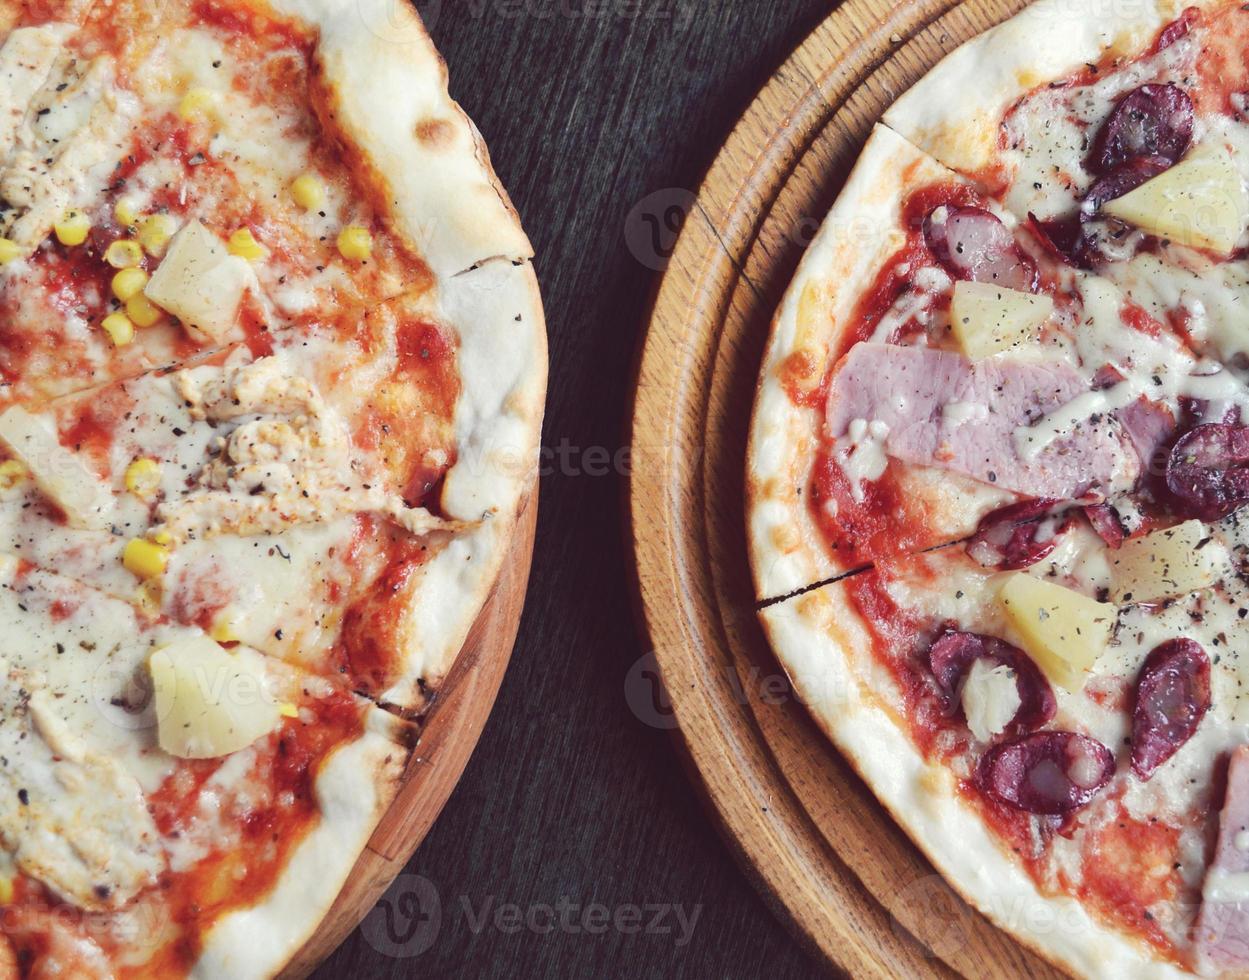 dos deliciosas pizzas con piña y carne foto